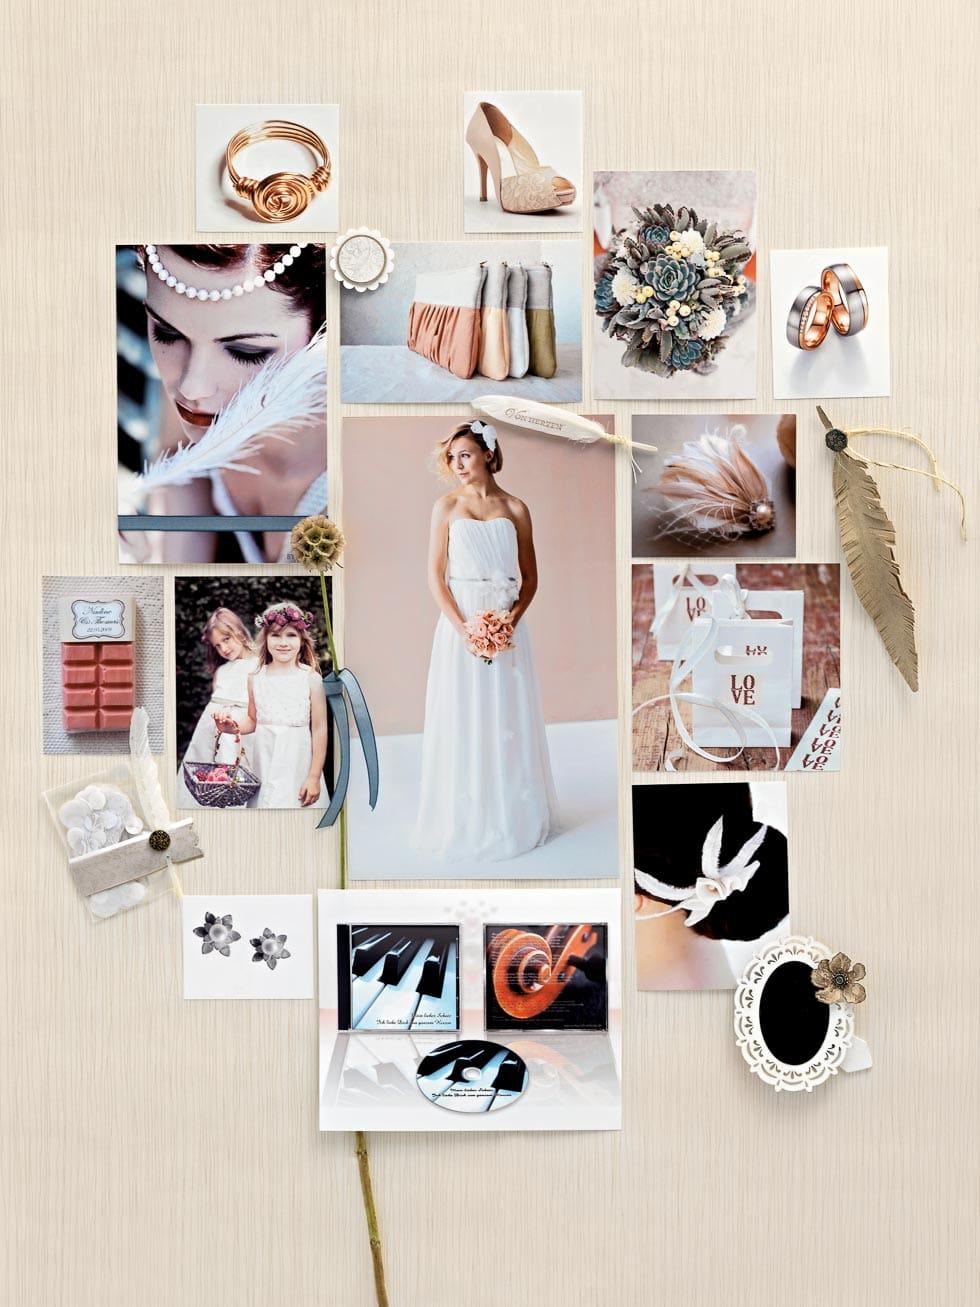 Stimmungsboard natürliche Hochzeit